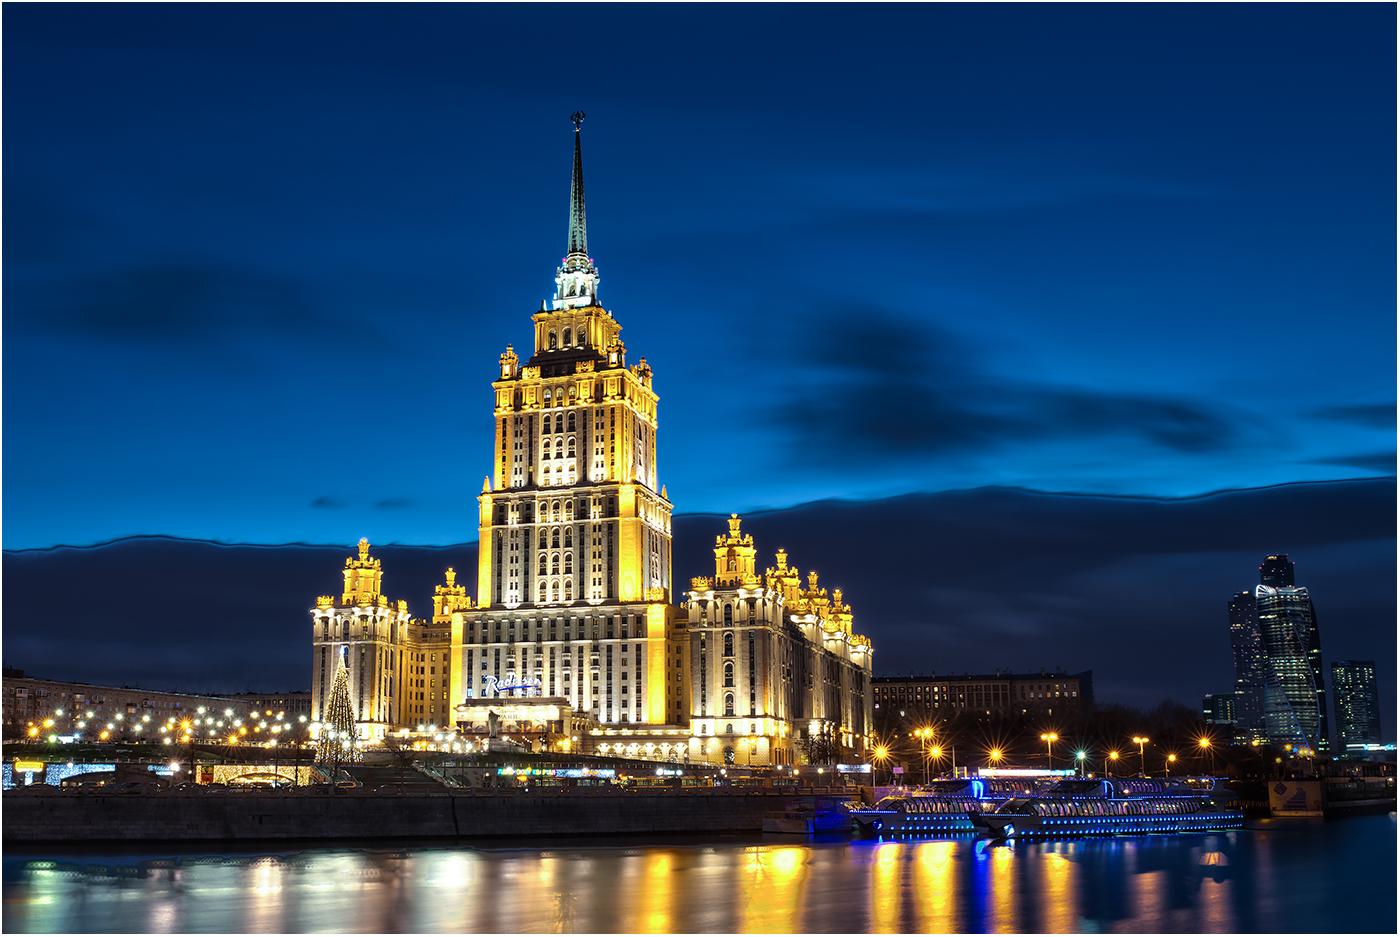 Место расположения гостиницы Украина в Москве безусловно известно всем, а вот точка съемки была определена при помощи сети